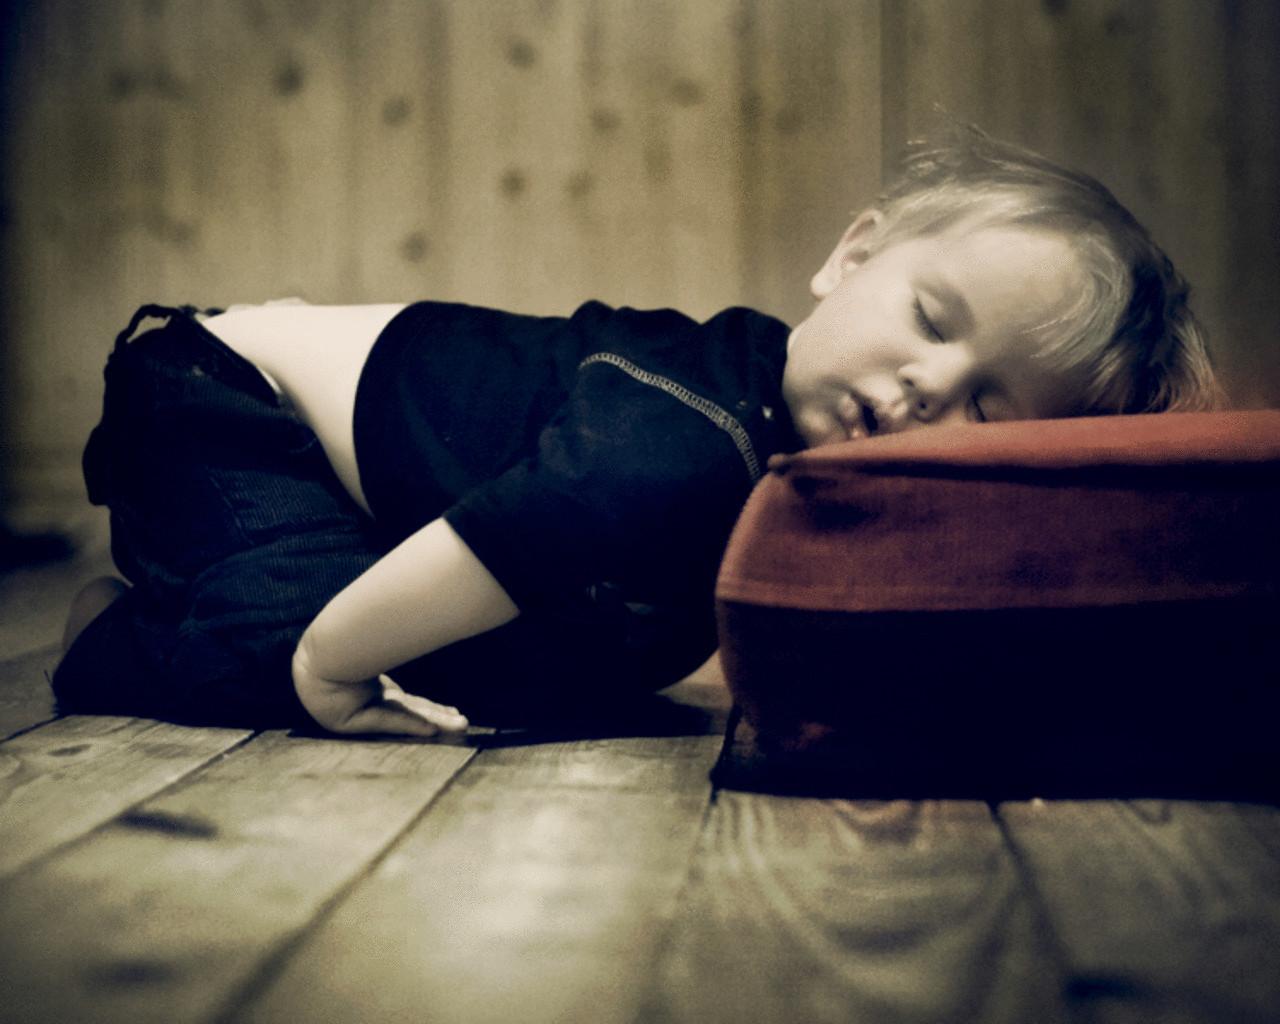 Сладко спит а брат 2 фотография